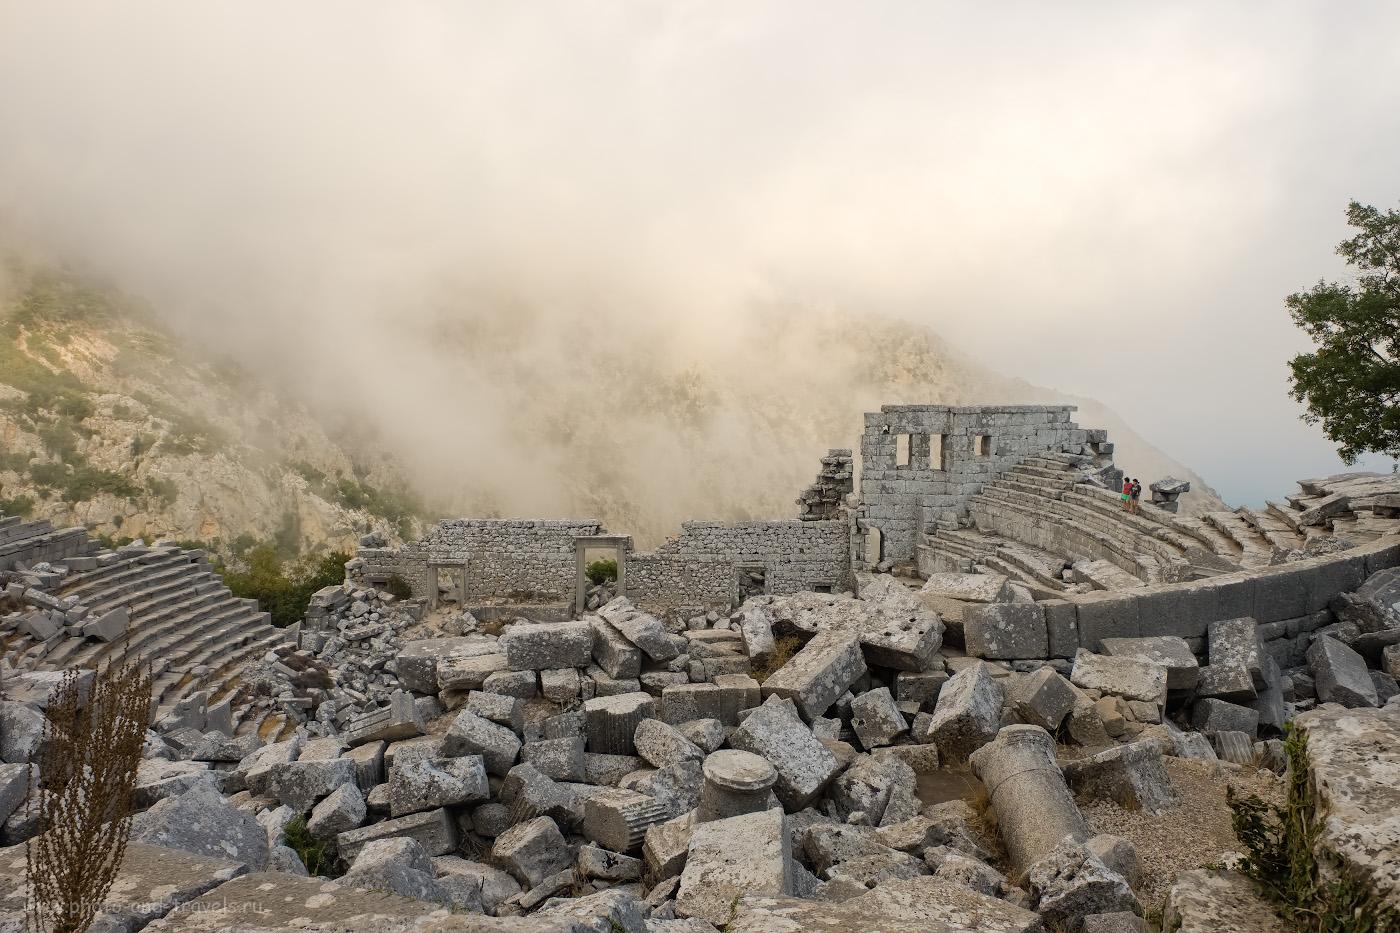 Фотография 8. Немногочисленные туристы рассматривают руины амфитеатра в Термессосе. Как мы ездили на машине по интересным местам недалеко от Анталии. 1/140, 8.0, 200, +0.33, 16.